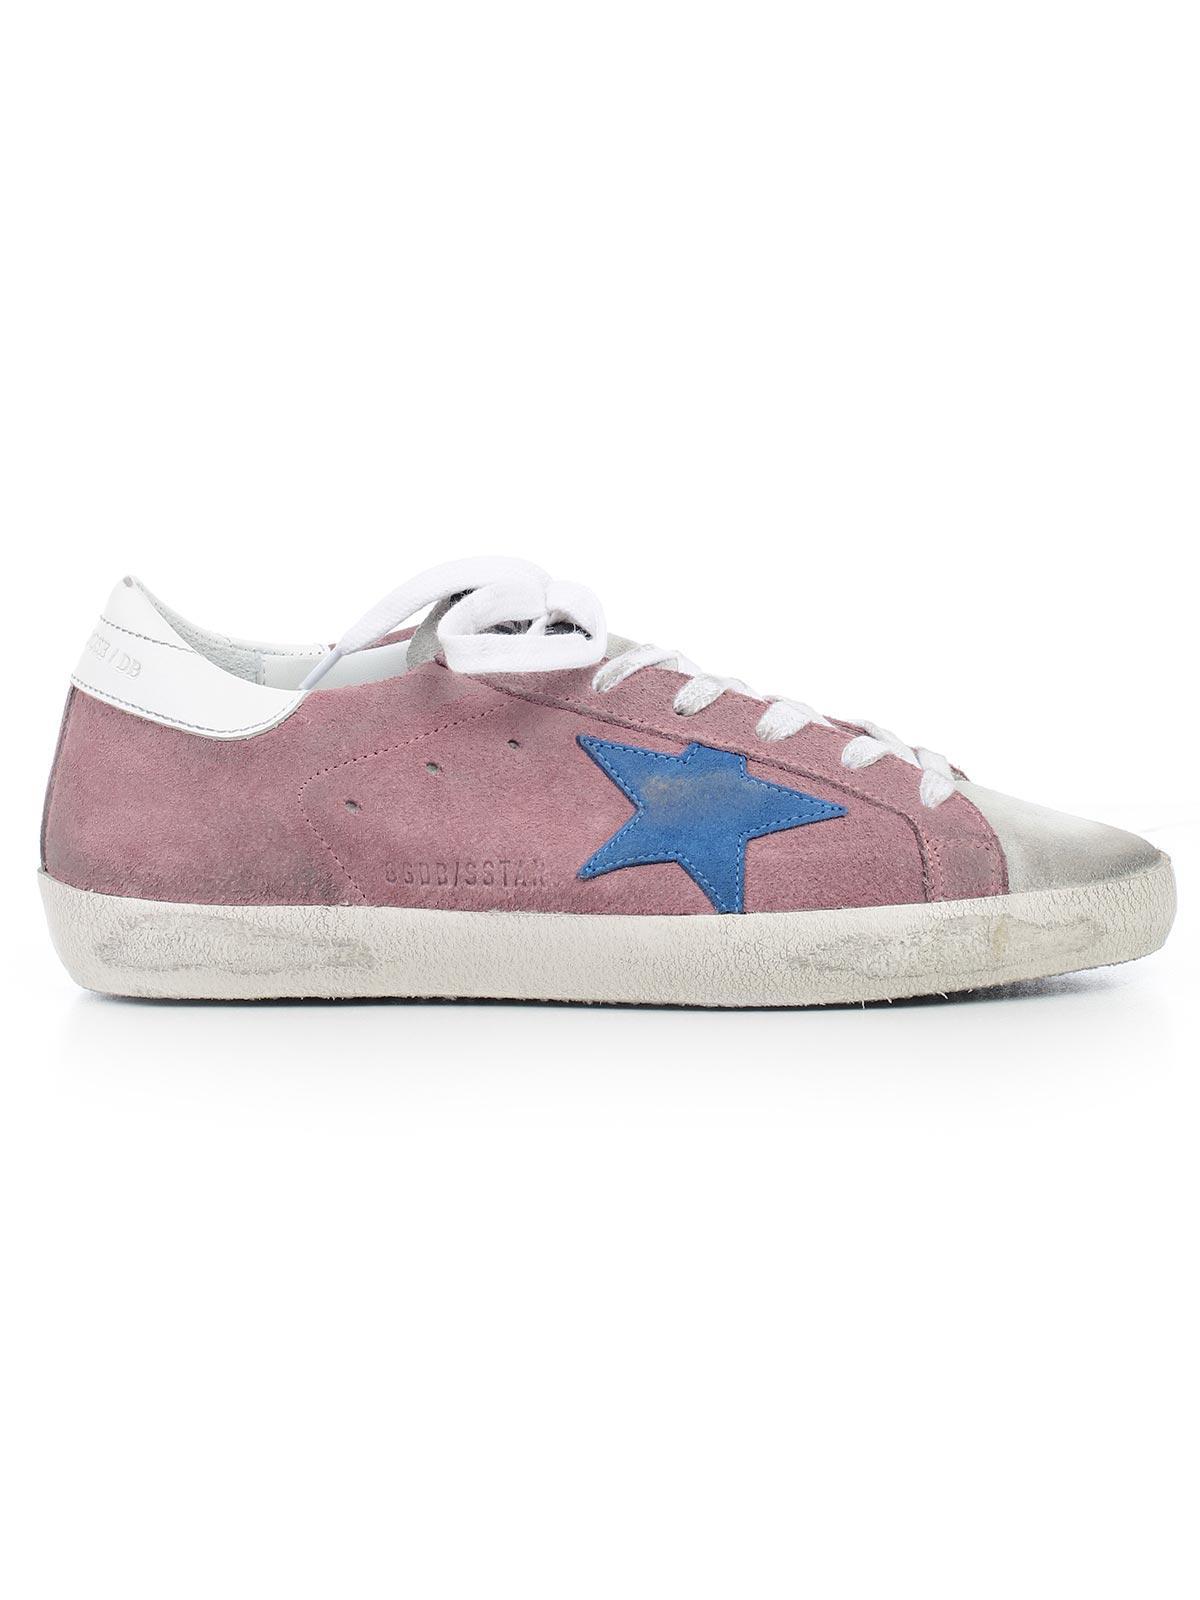 b522676758e Lyst - Golden Goose Deluxe Brand Sneakers Superstar in Pink